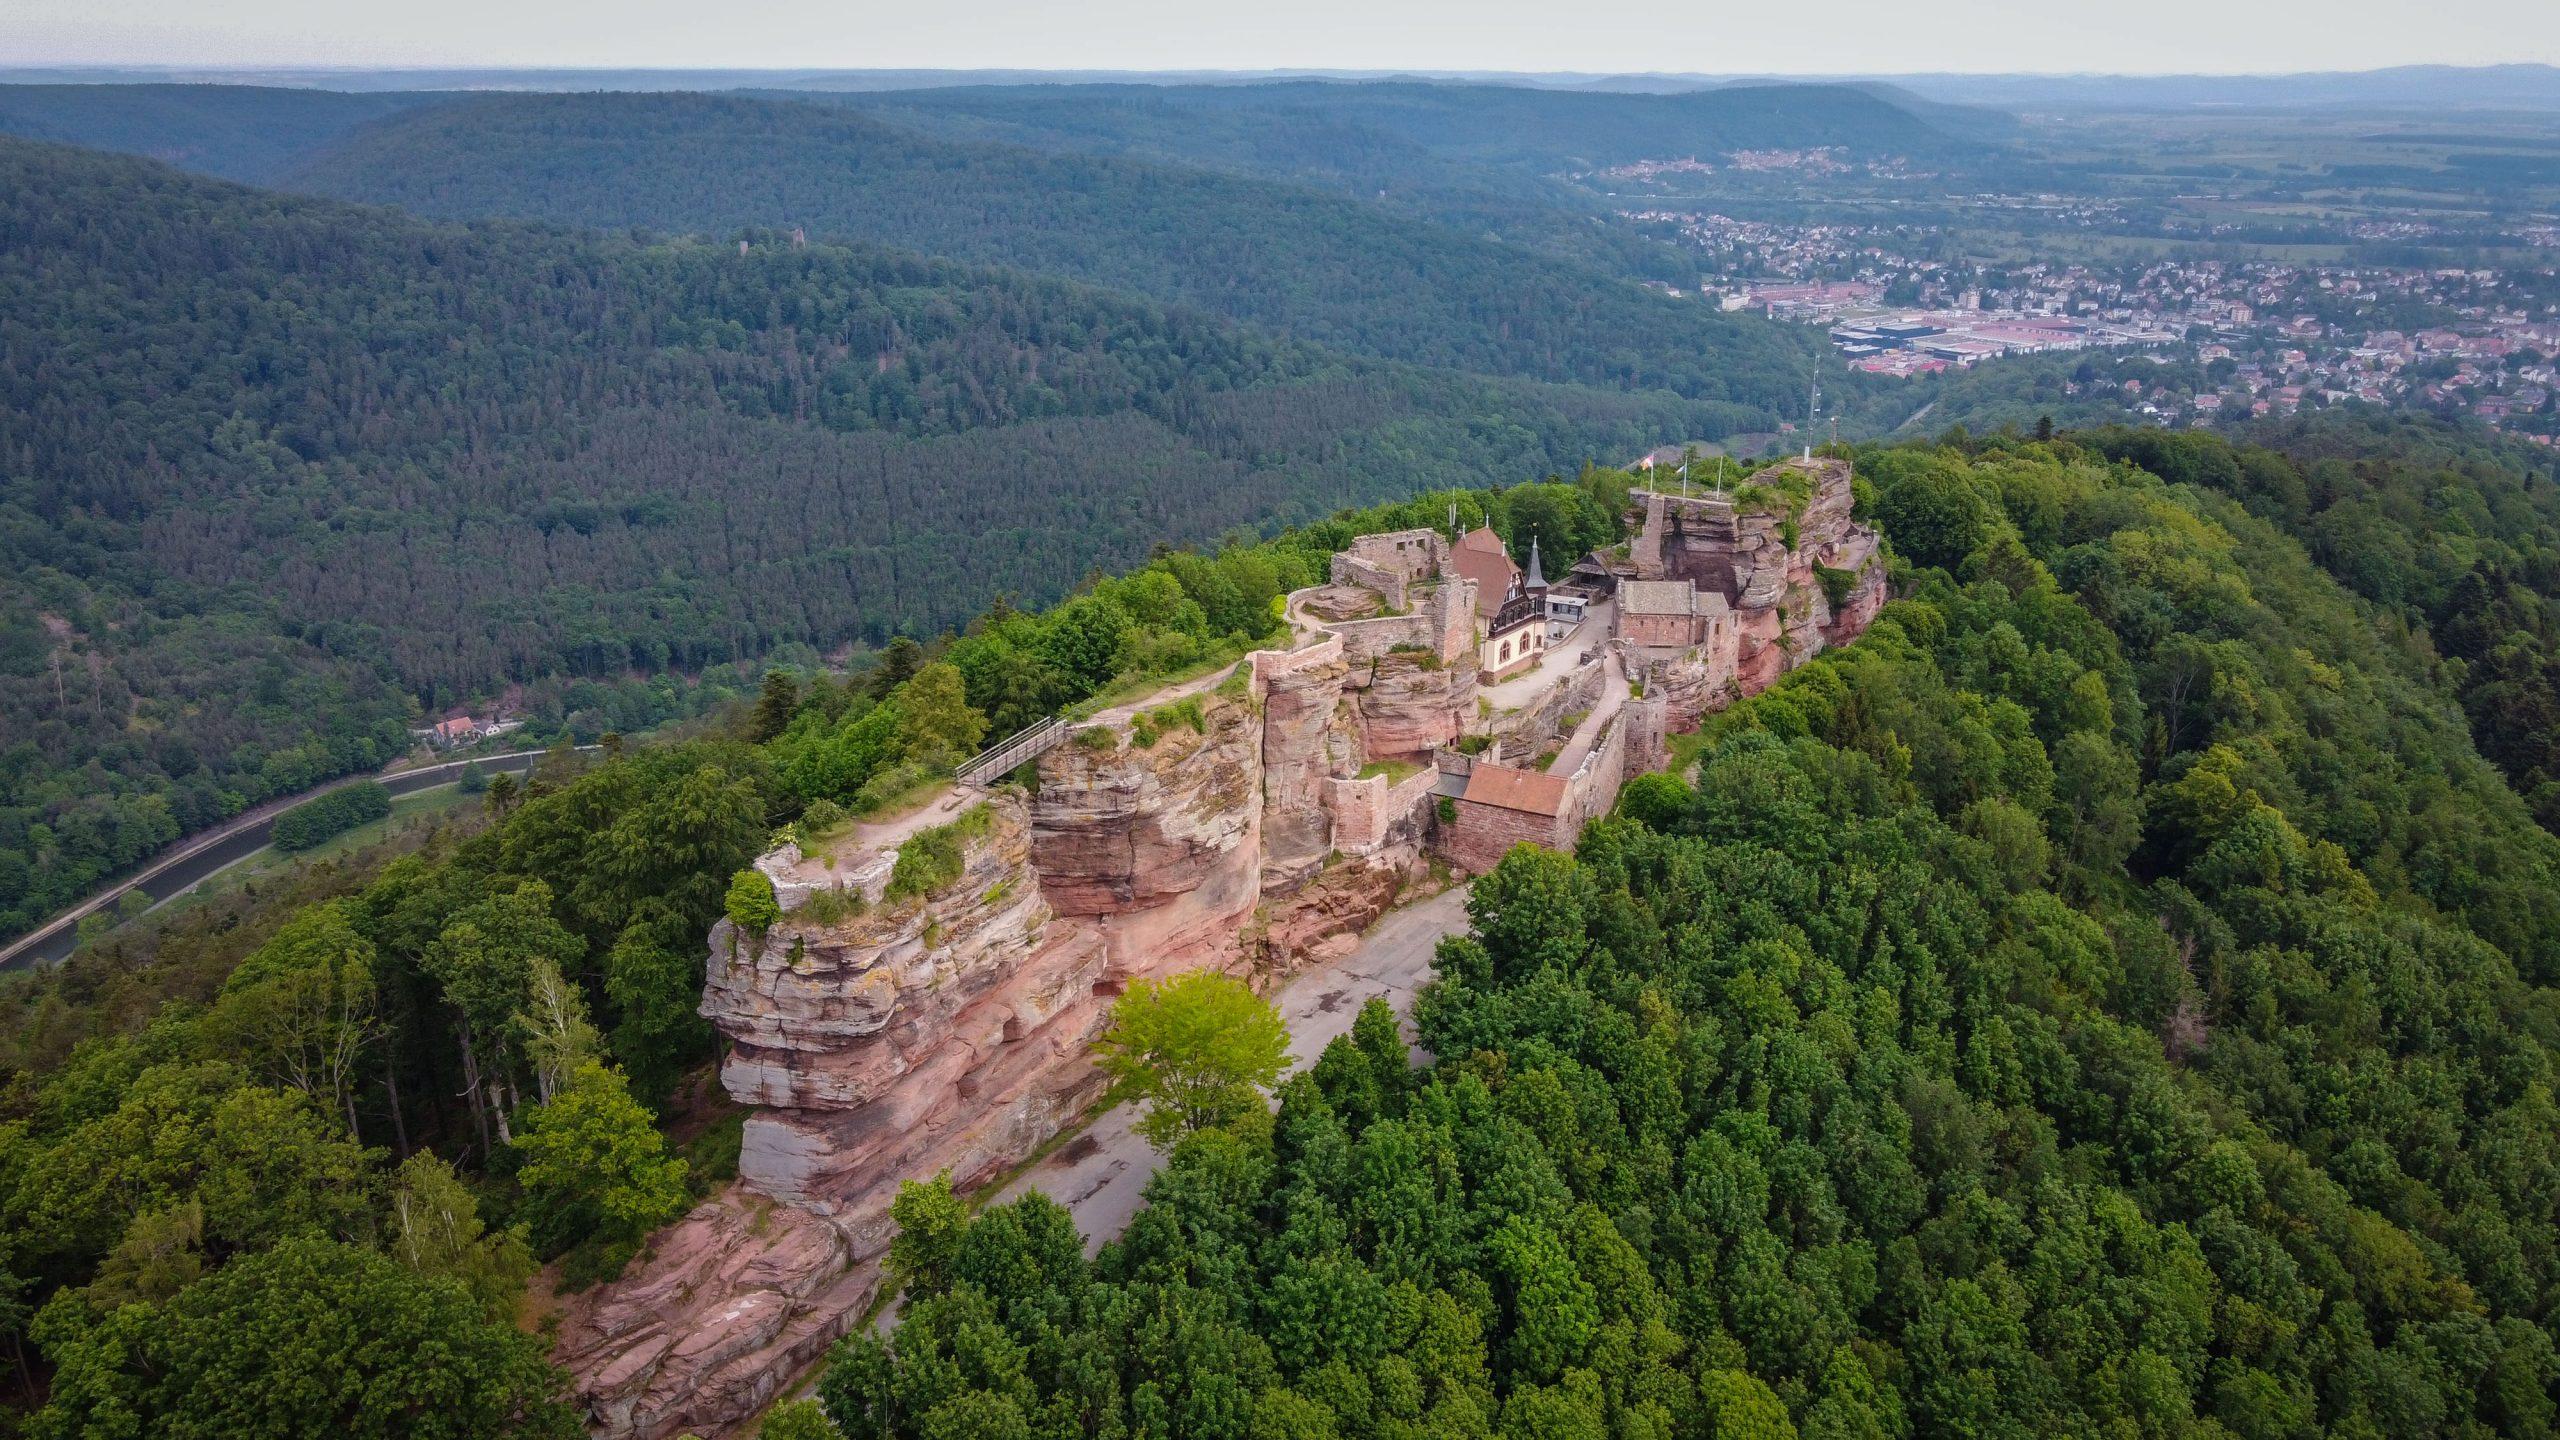 Le château du Haut-Barr en Alsace, au-dessus de Saverne dans le massif des Vosges